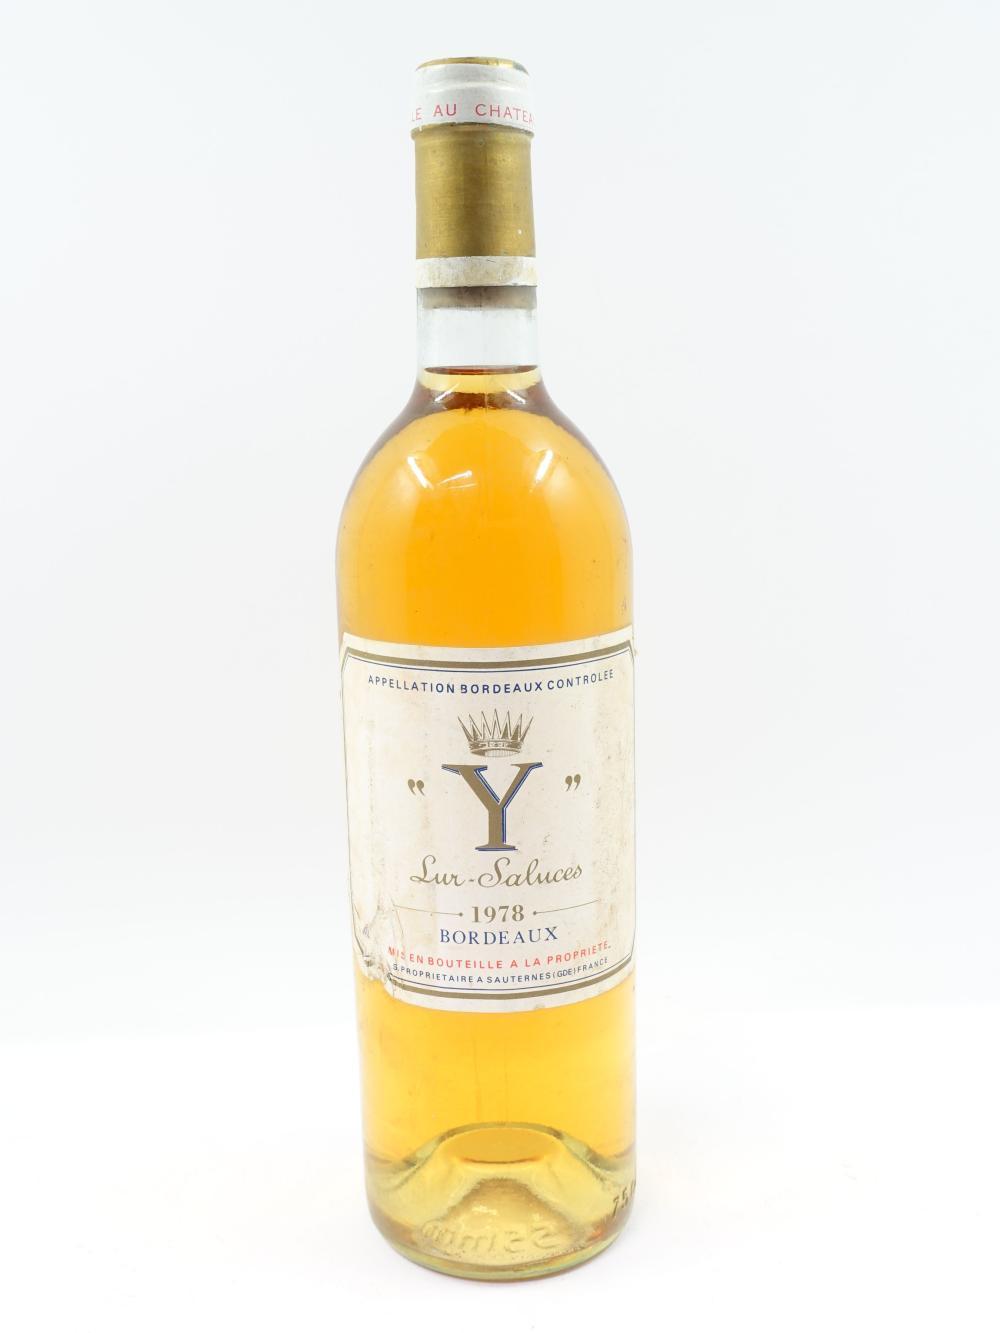 1 bouteille Y DE YQUEM 1978 Bordeaux Blanc sec (base goulot